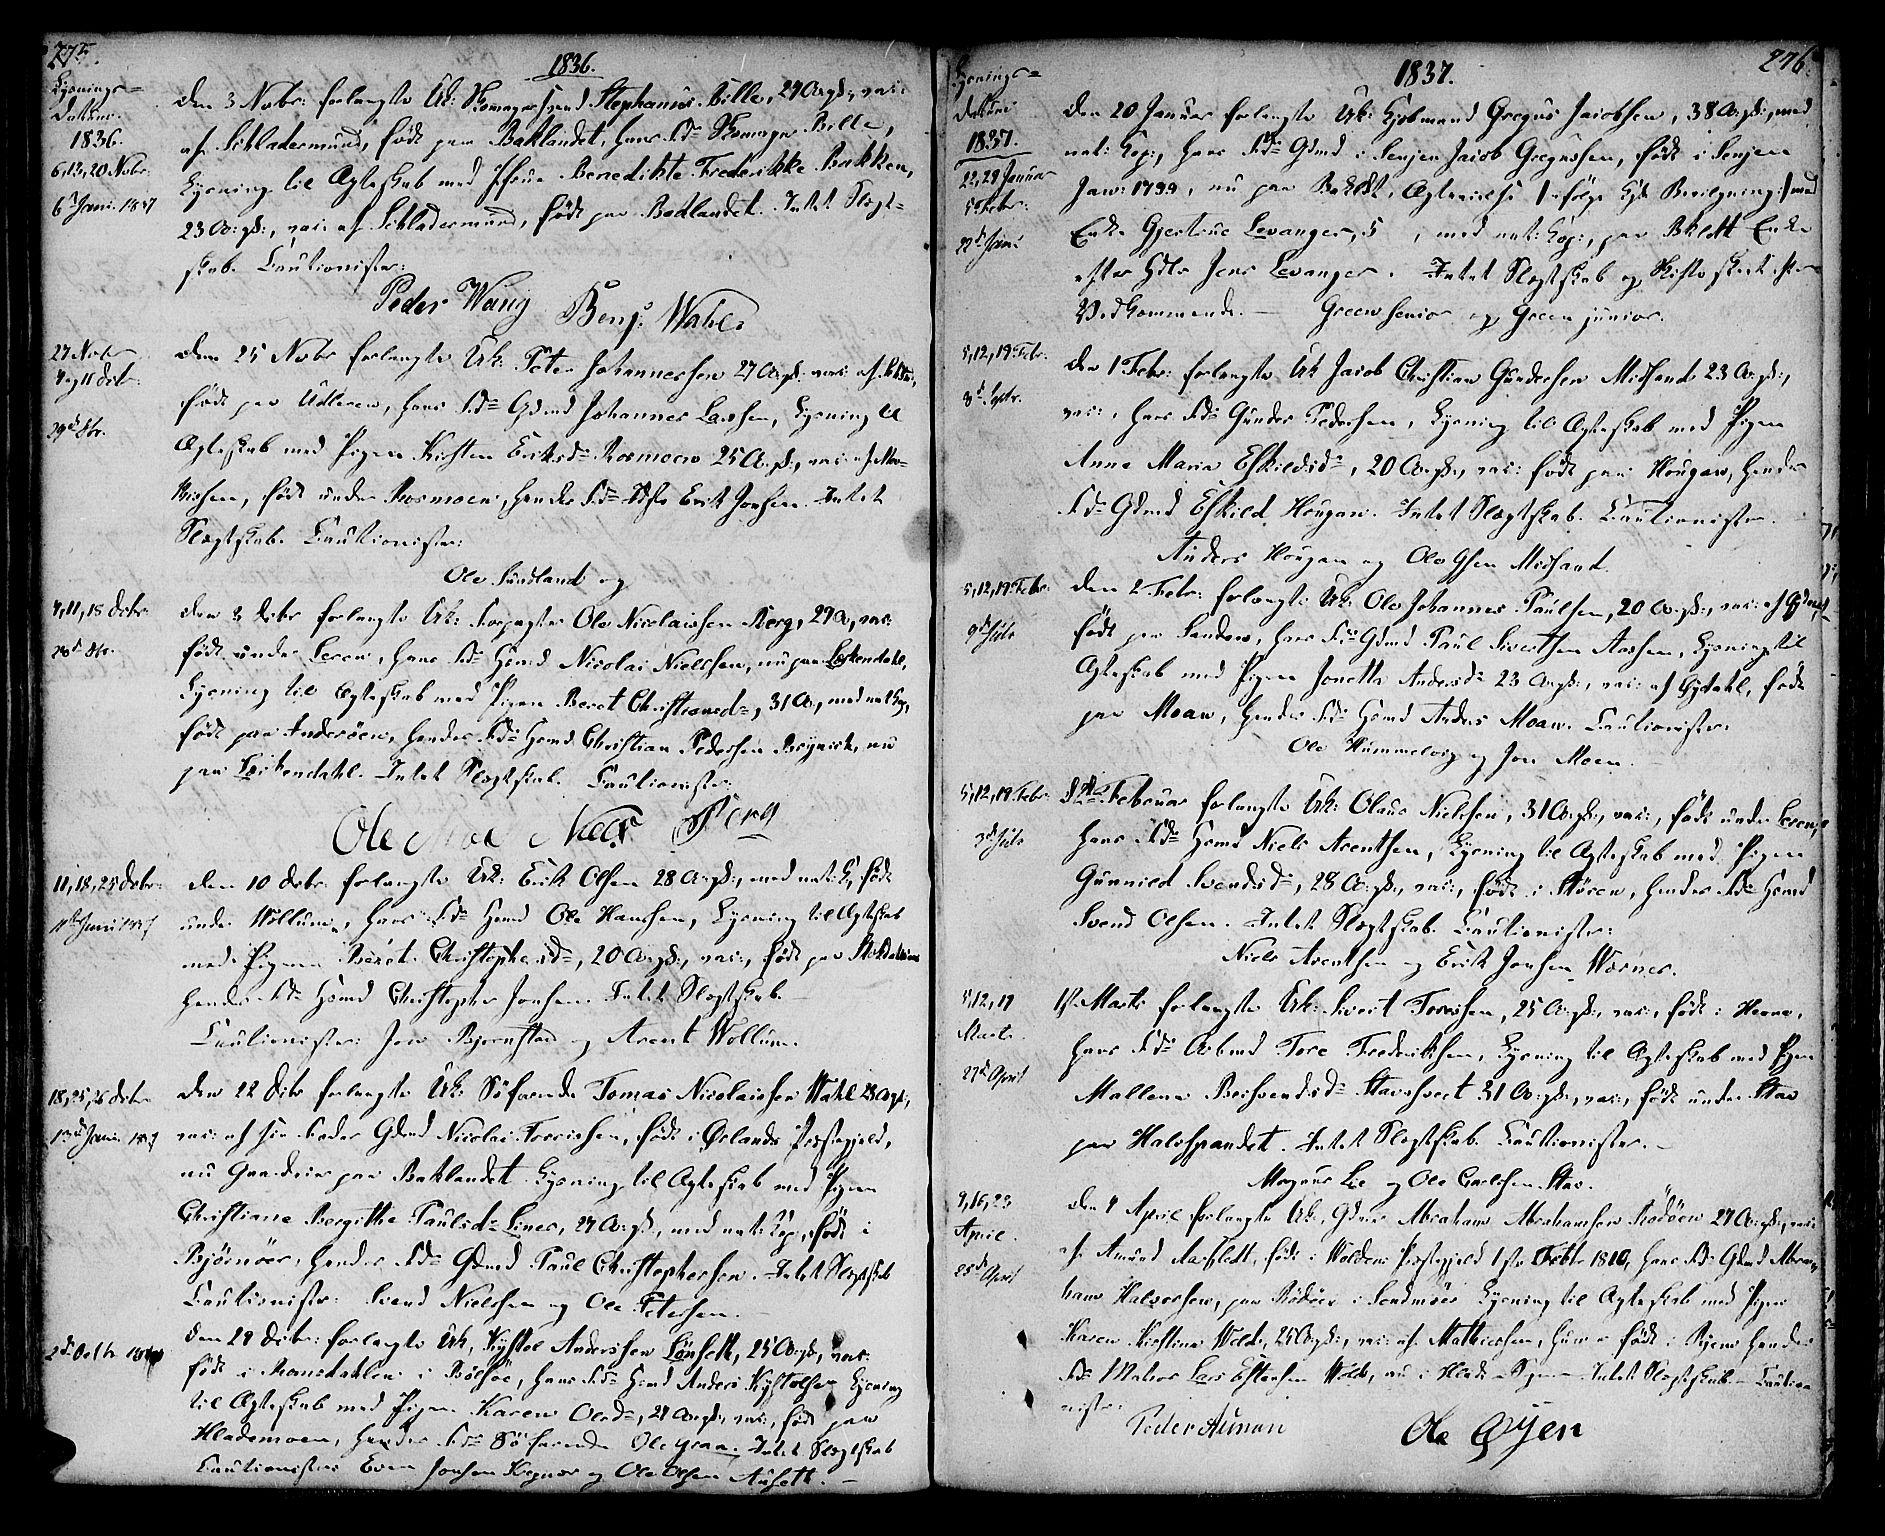 SAT, Ministerialprotokoller, klokkerbøker og fødselsregistre - Sør-Trøndelag, 604/L0181: Ministerialbok nr. 604A02, 1798-1817, s. 275-276